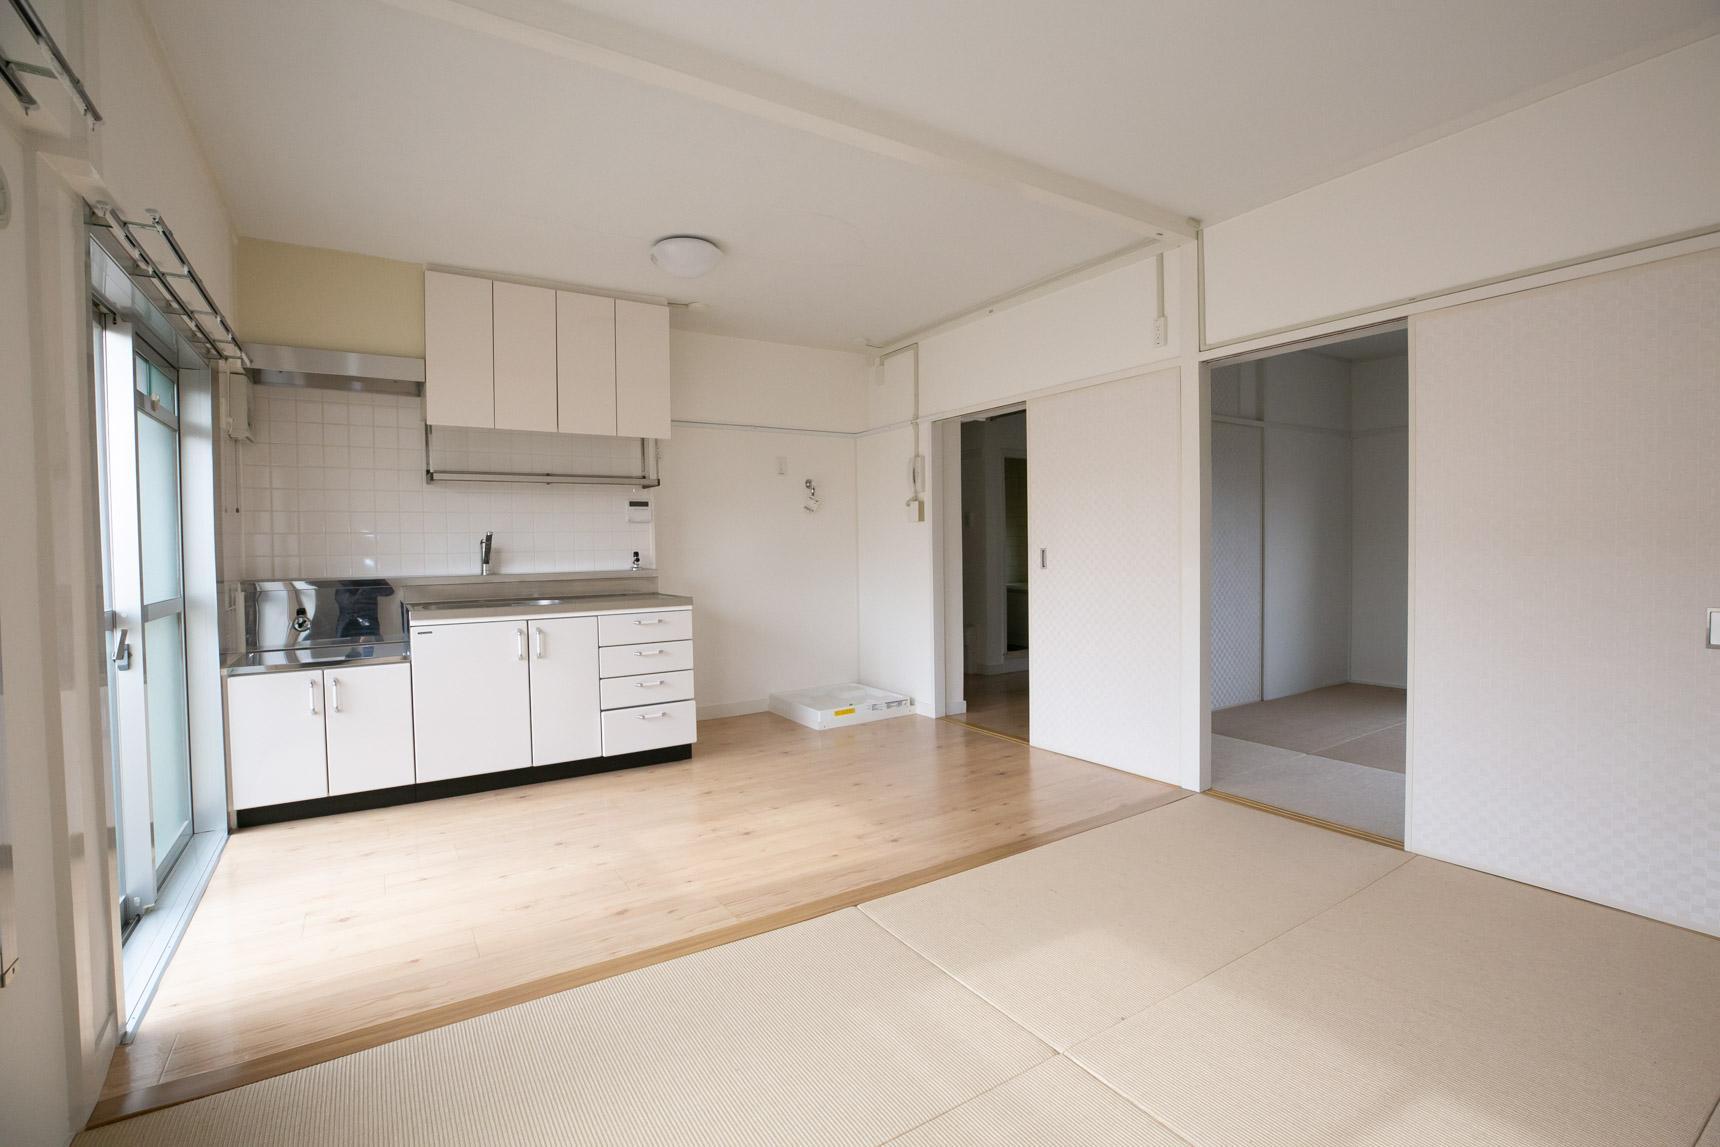 こちらは、あえてかつての団地の内装デザインを受け継ぎつつ、現代の生活にあう設備を加えたリノベーションのお部屋。